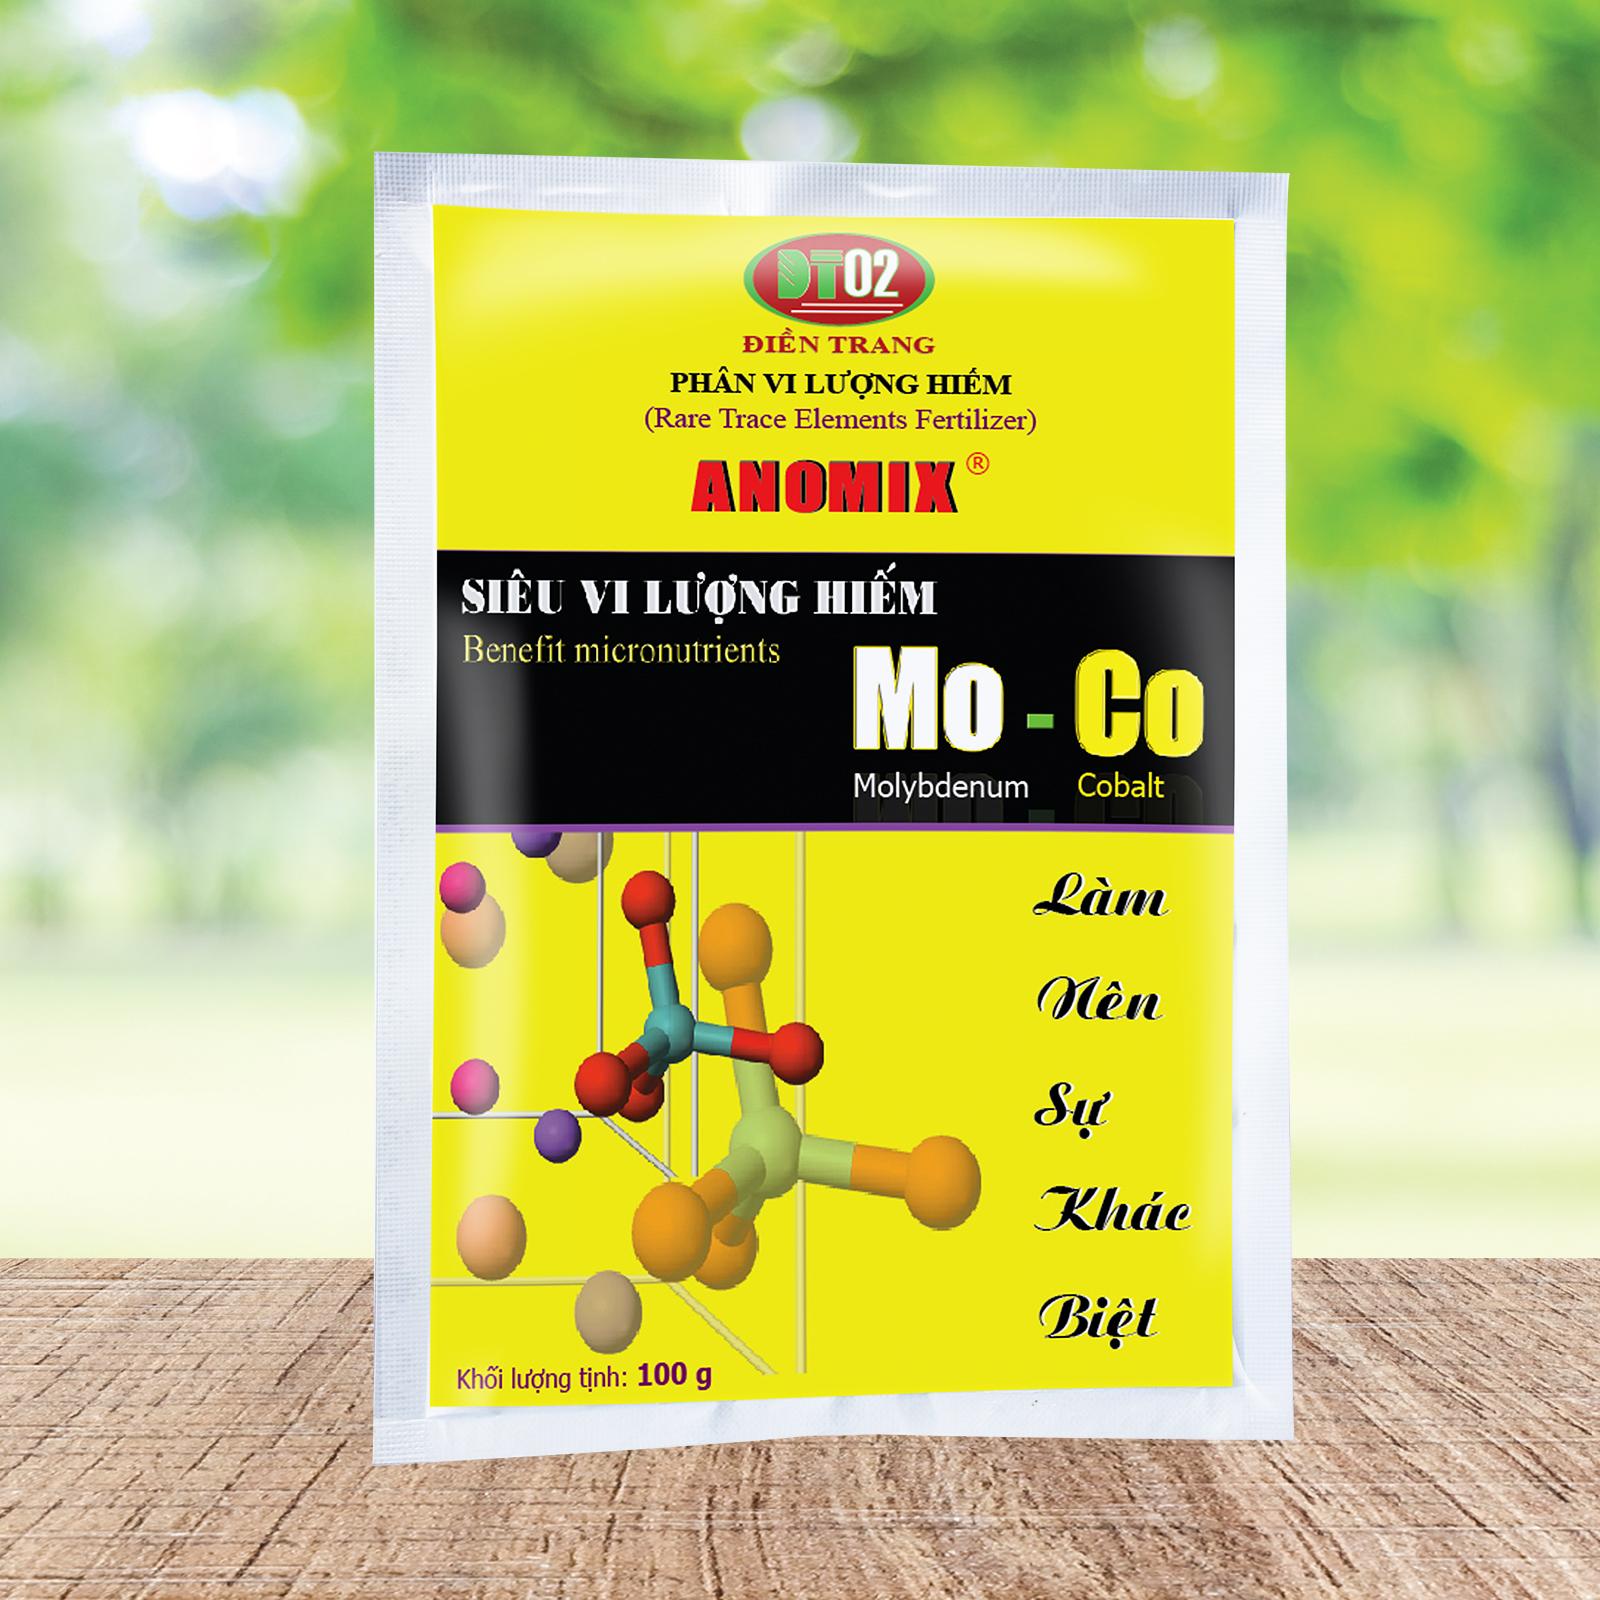 Combo 3 gói Phân Siêu Vi Lượng Hiếm ĐIỀN TRANG Mo-Co 100g